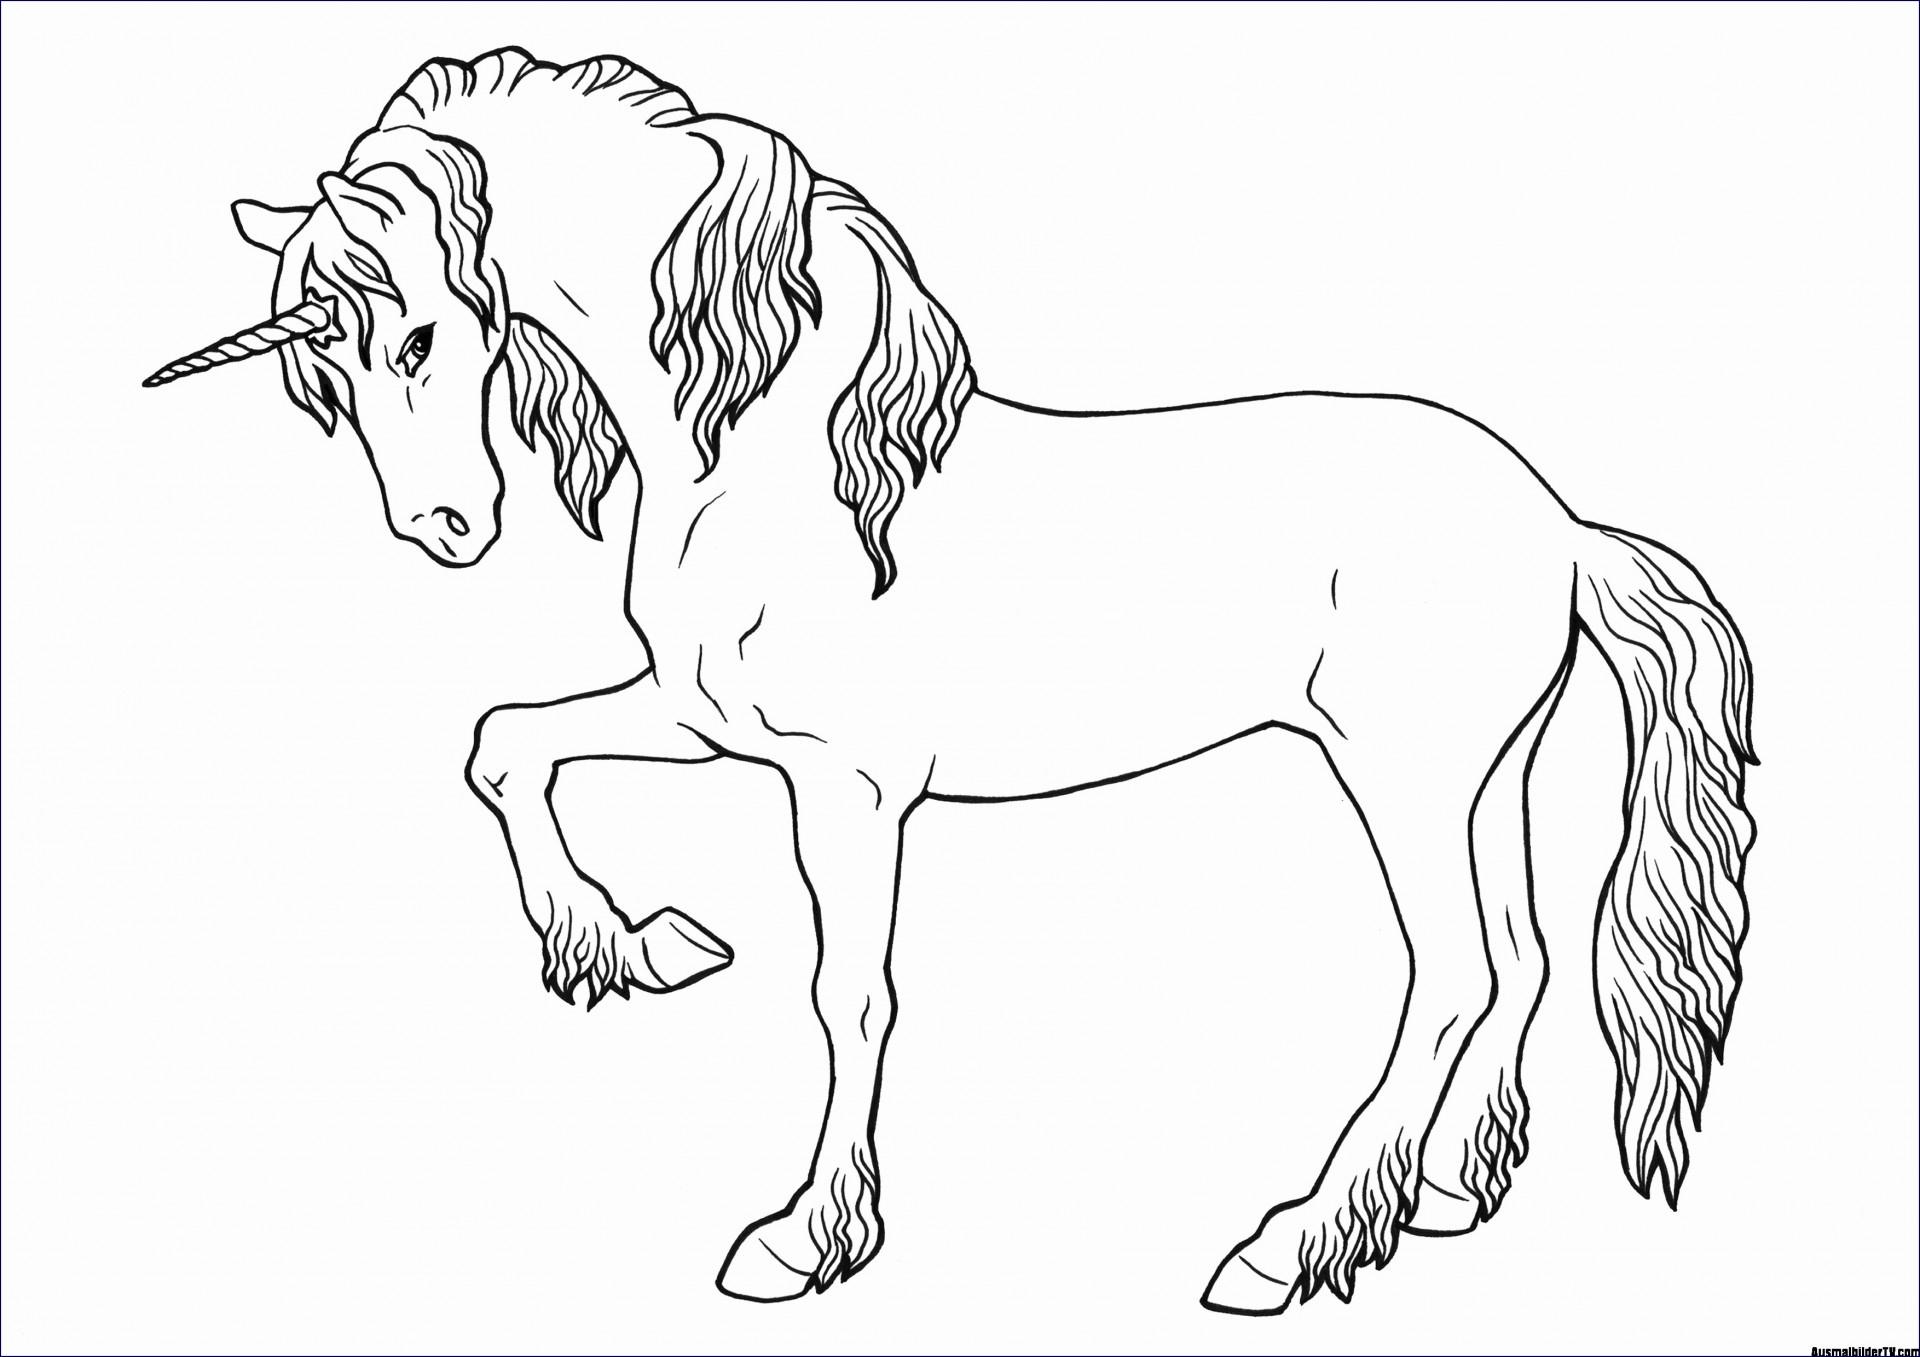 Malvorlagen Pferdekopf Uploadertalk Within Vorlage für Malvorlage Pferdekopf